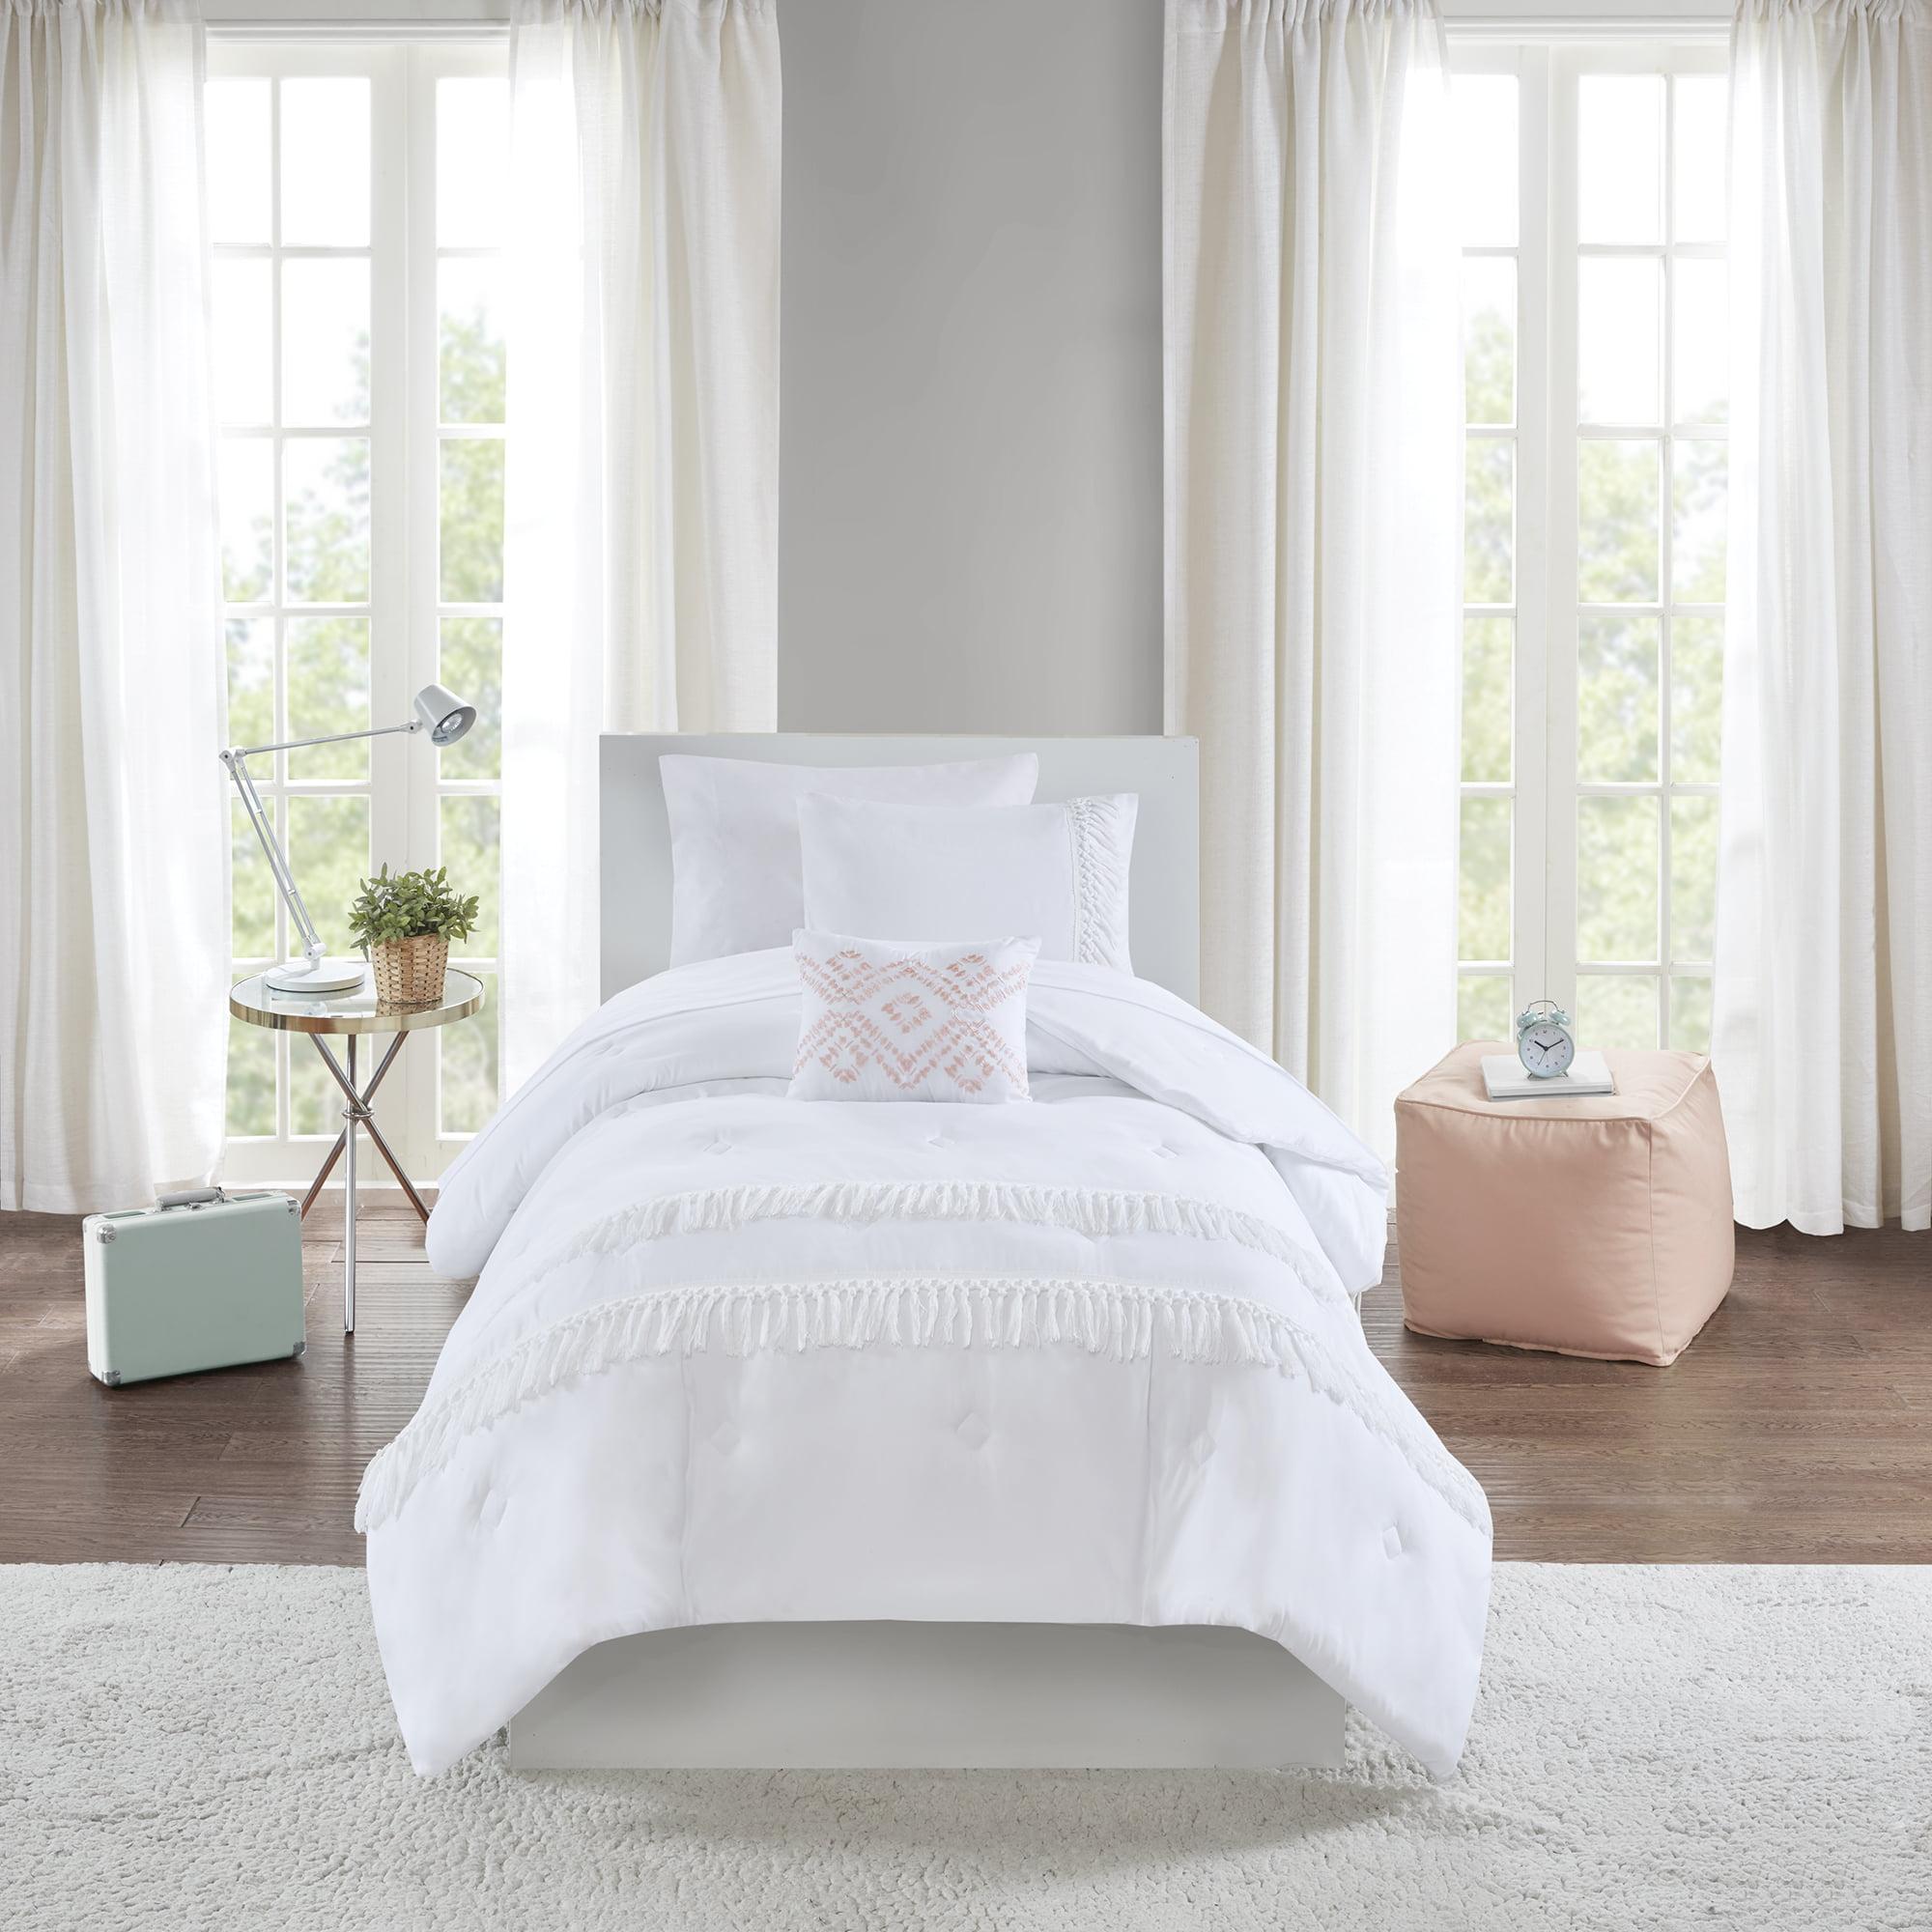 Mainstays Solid Fringe Bed in a Bag Comforter Bedding Set